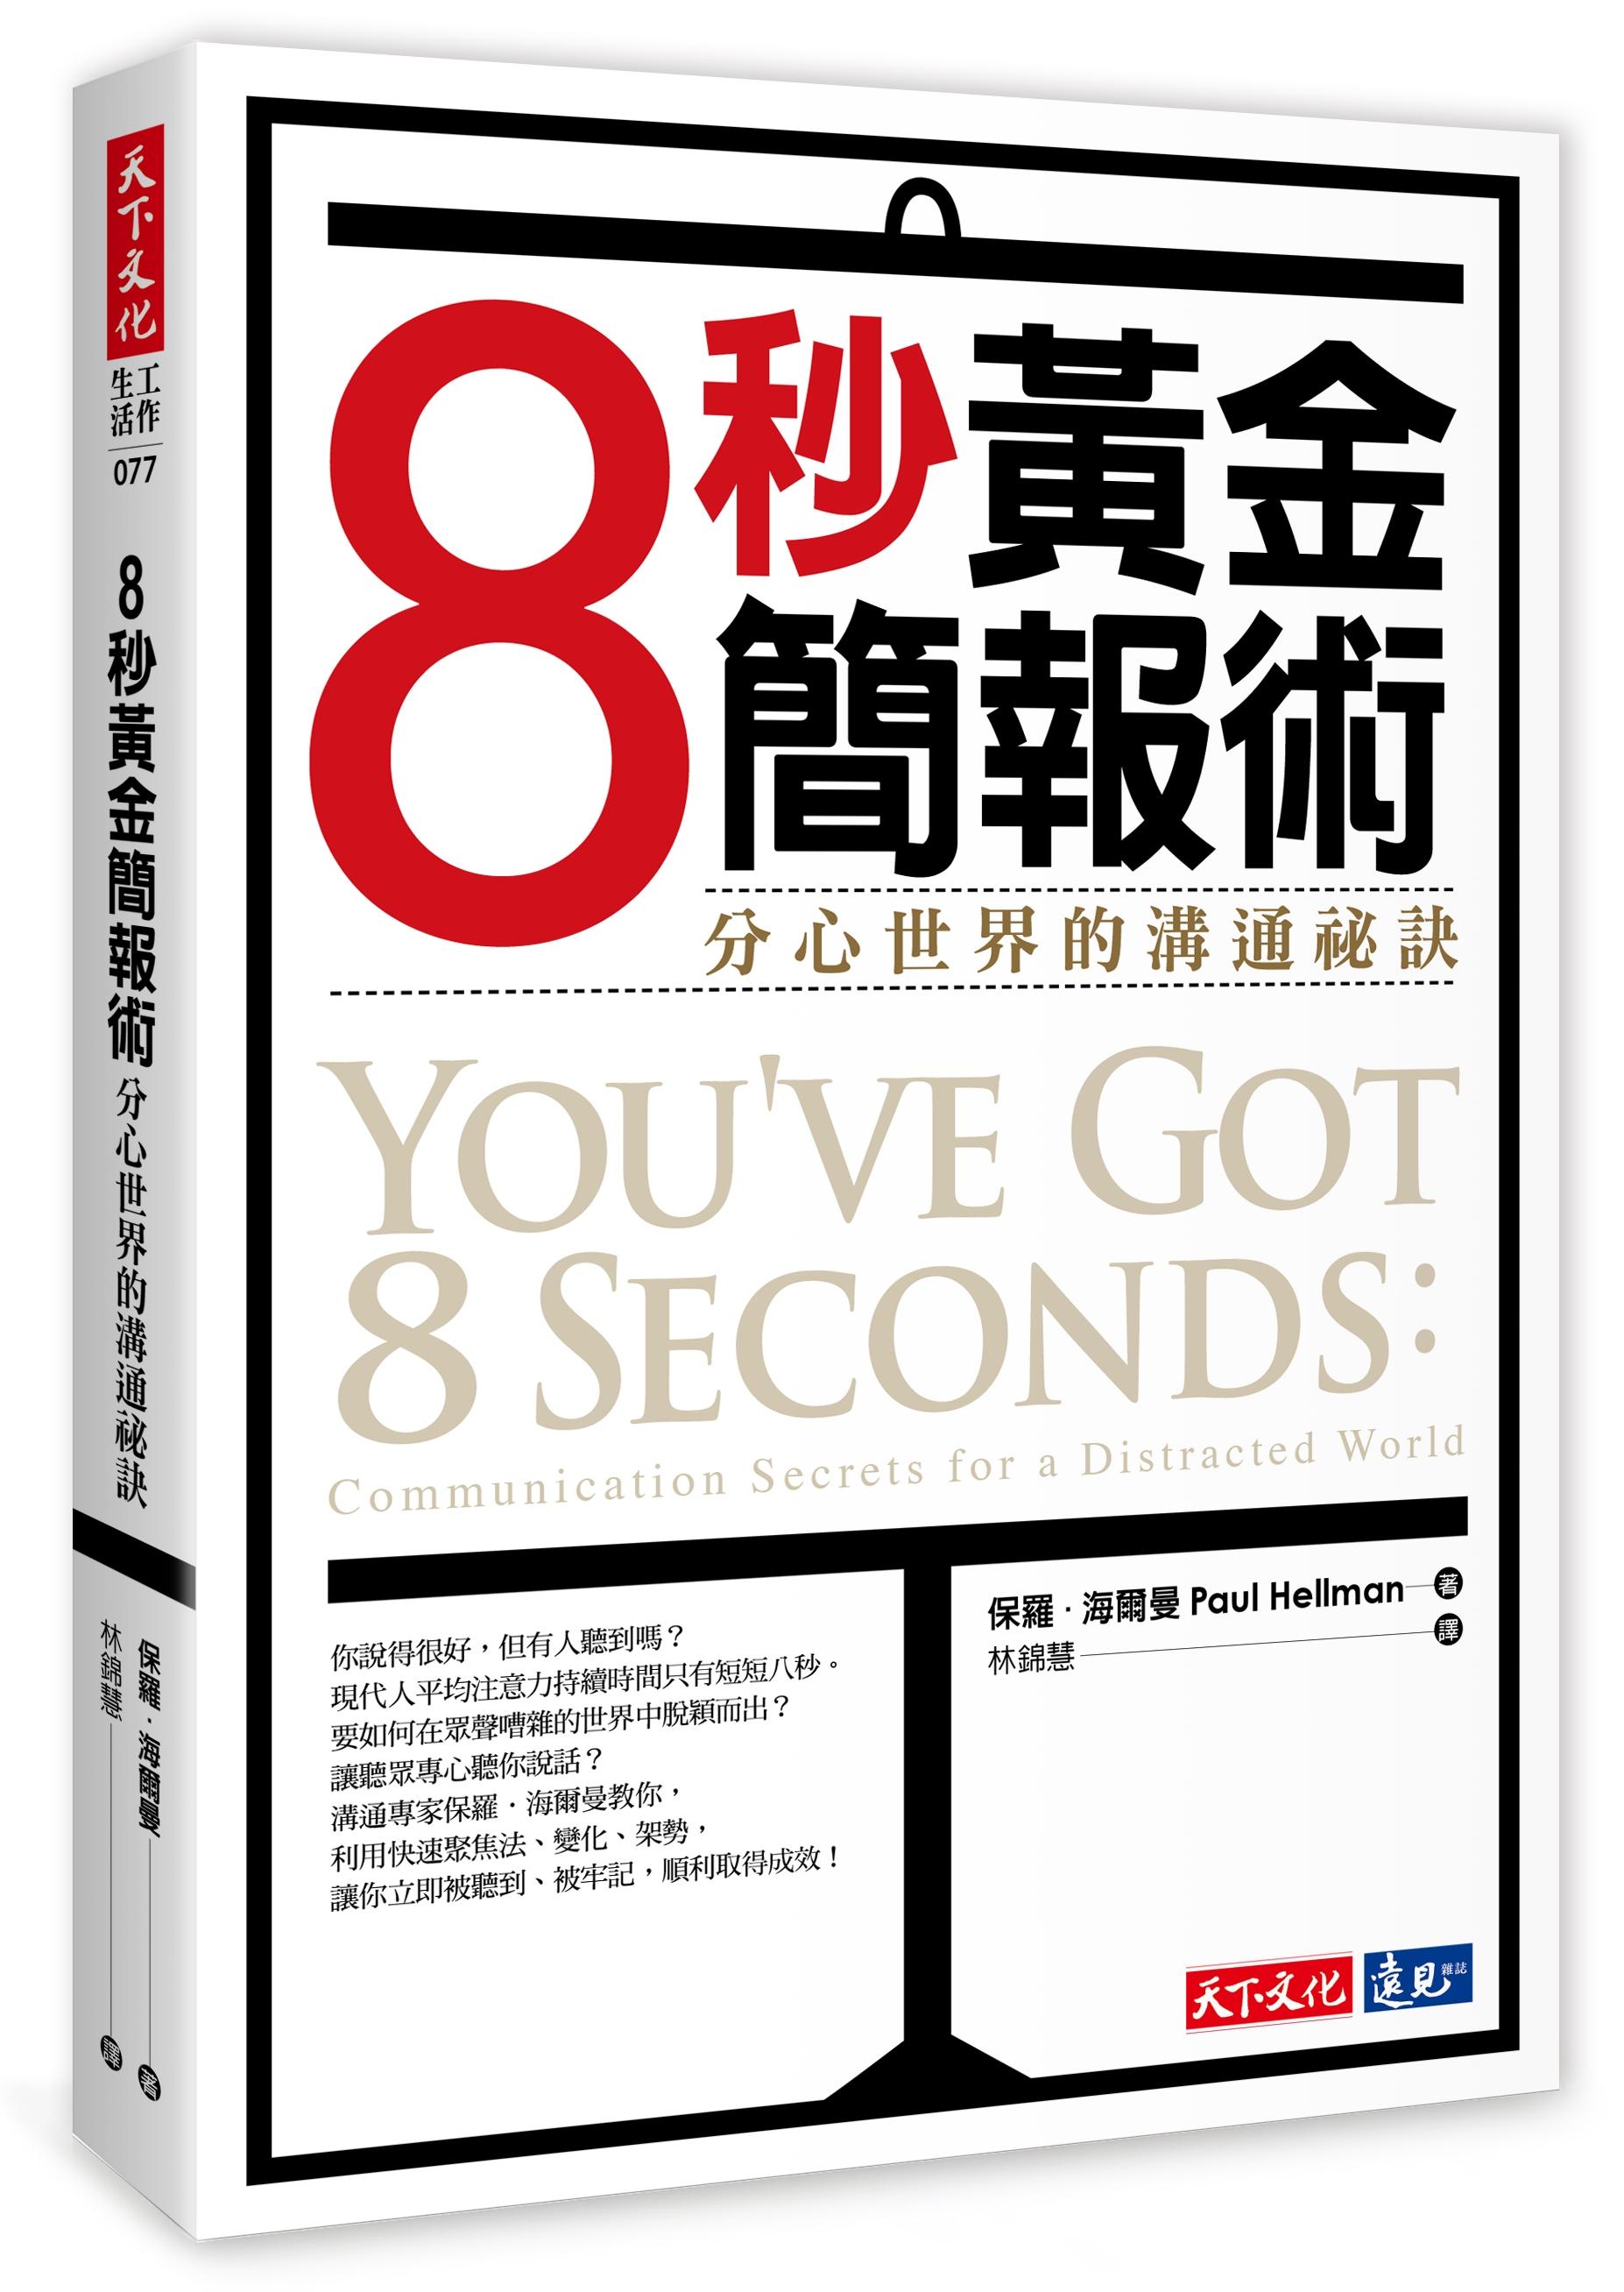 8秒黃金簡報術